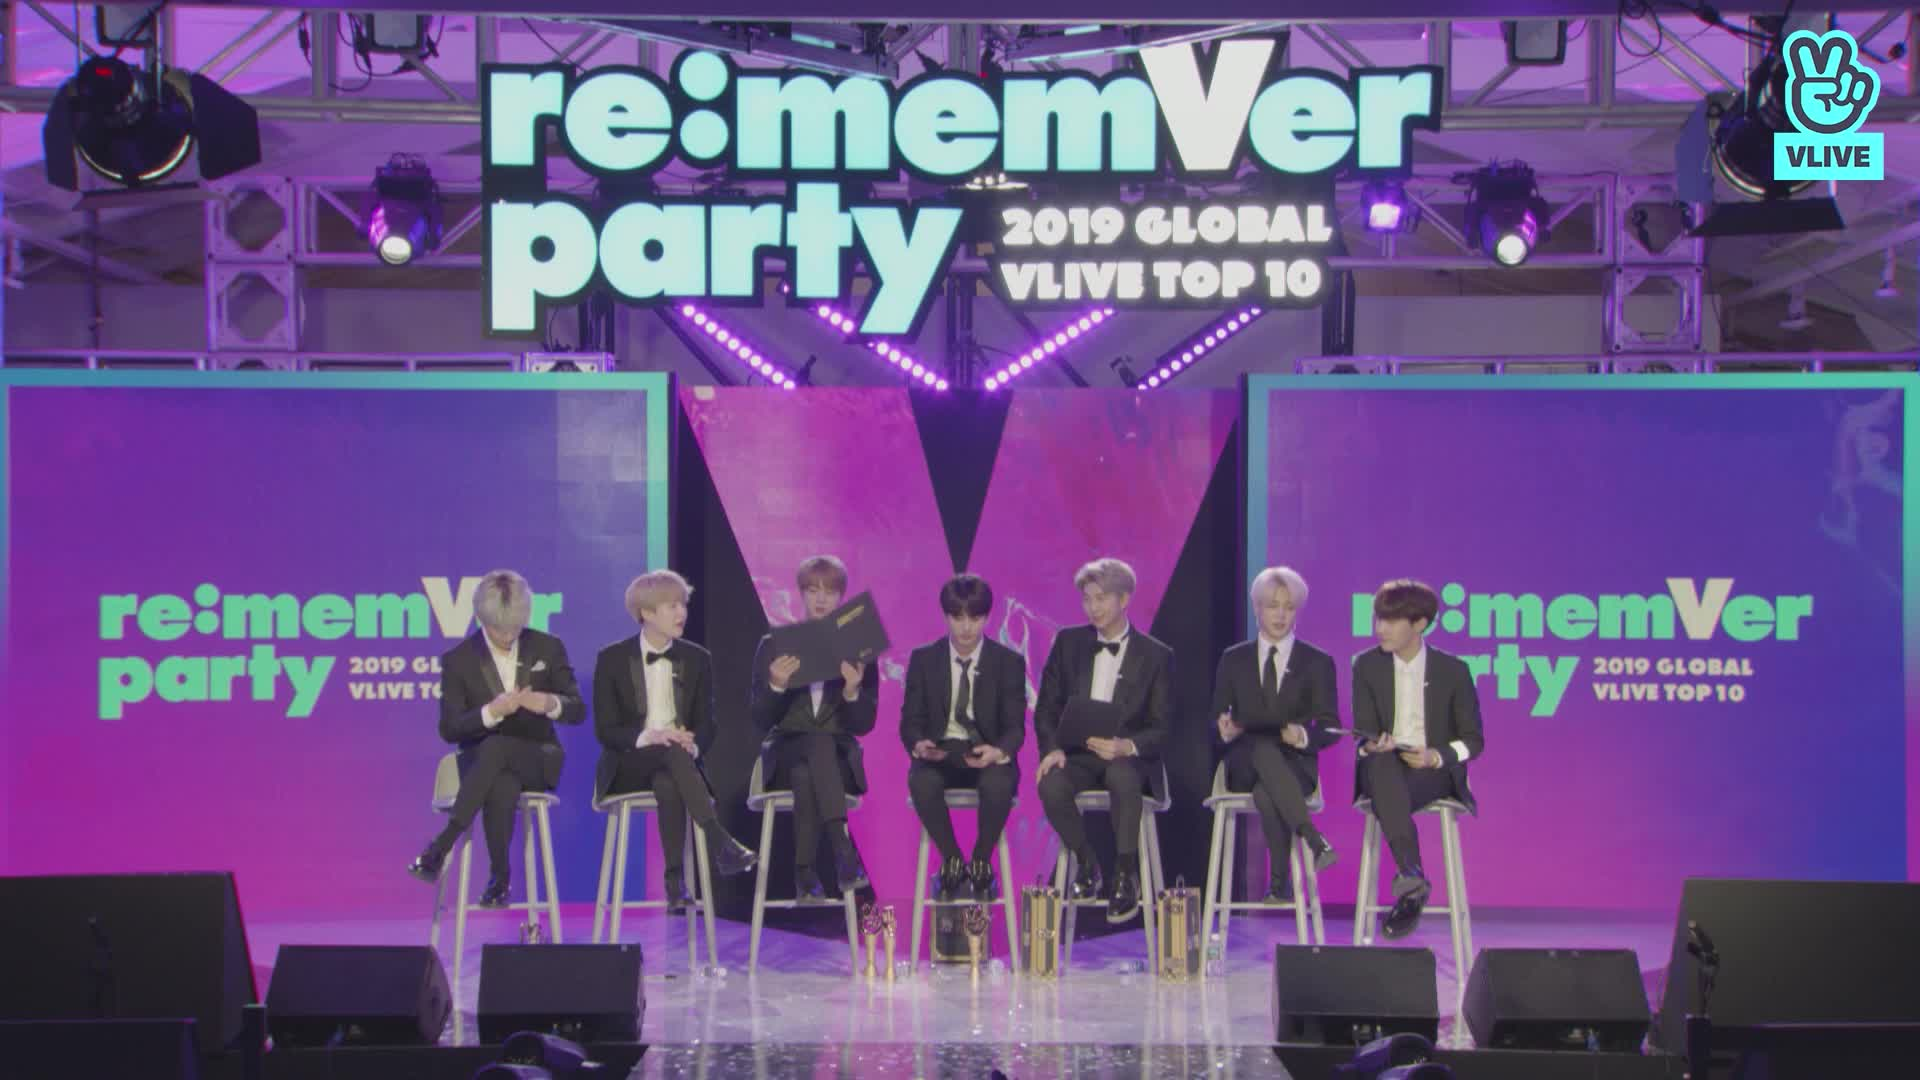 BTS 리멤버파티 시상식 파트 4 [완] / 2019 GLOBAL VLIVE TOP 10